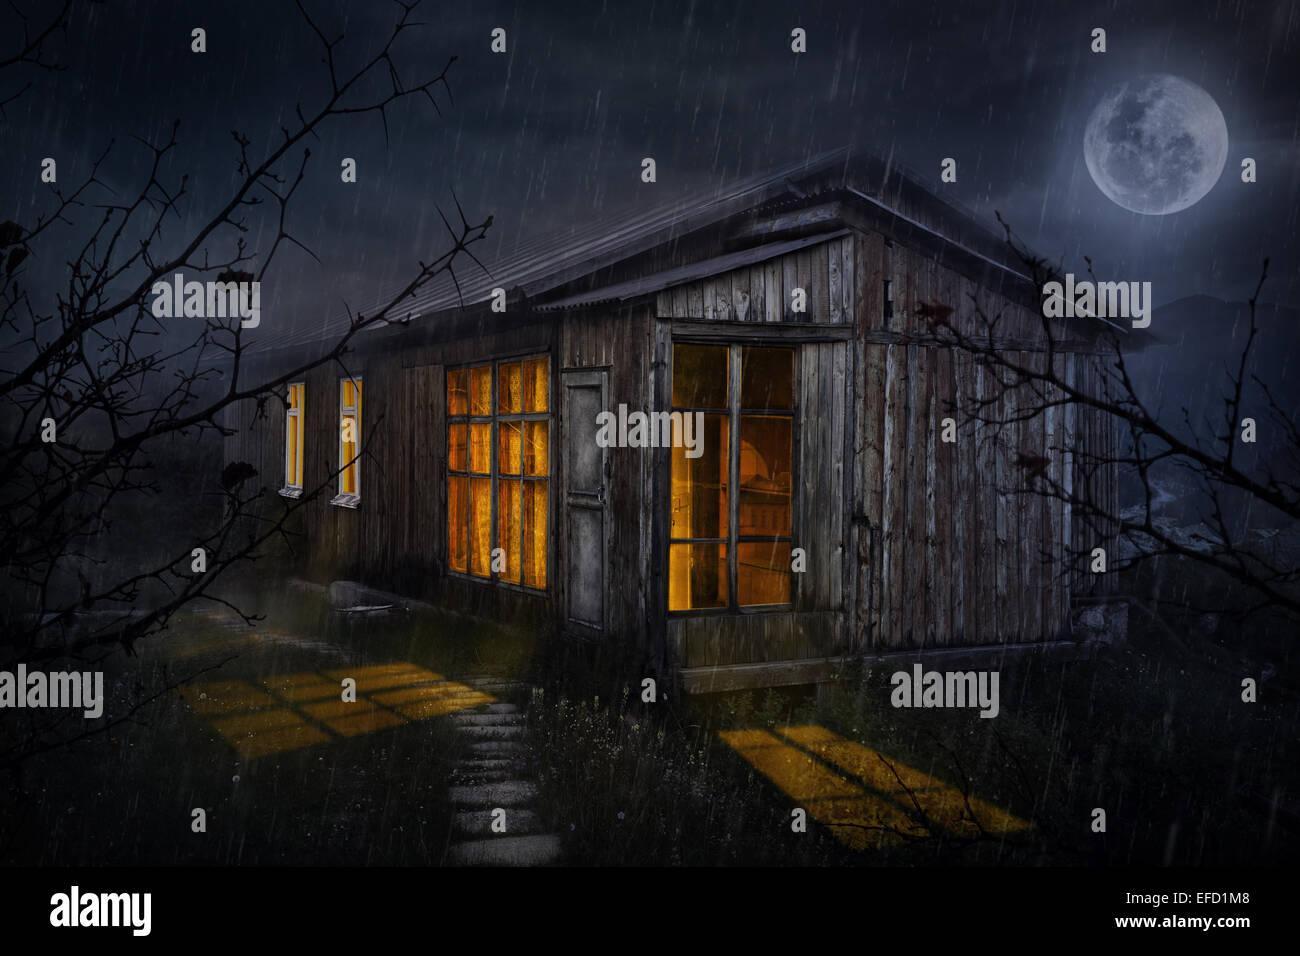 Casa rurale con windows incandescente al cielo notturno con luna Immagini Stock